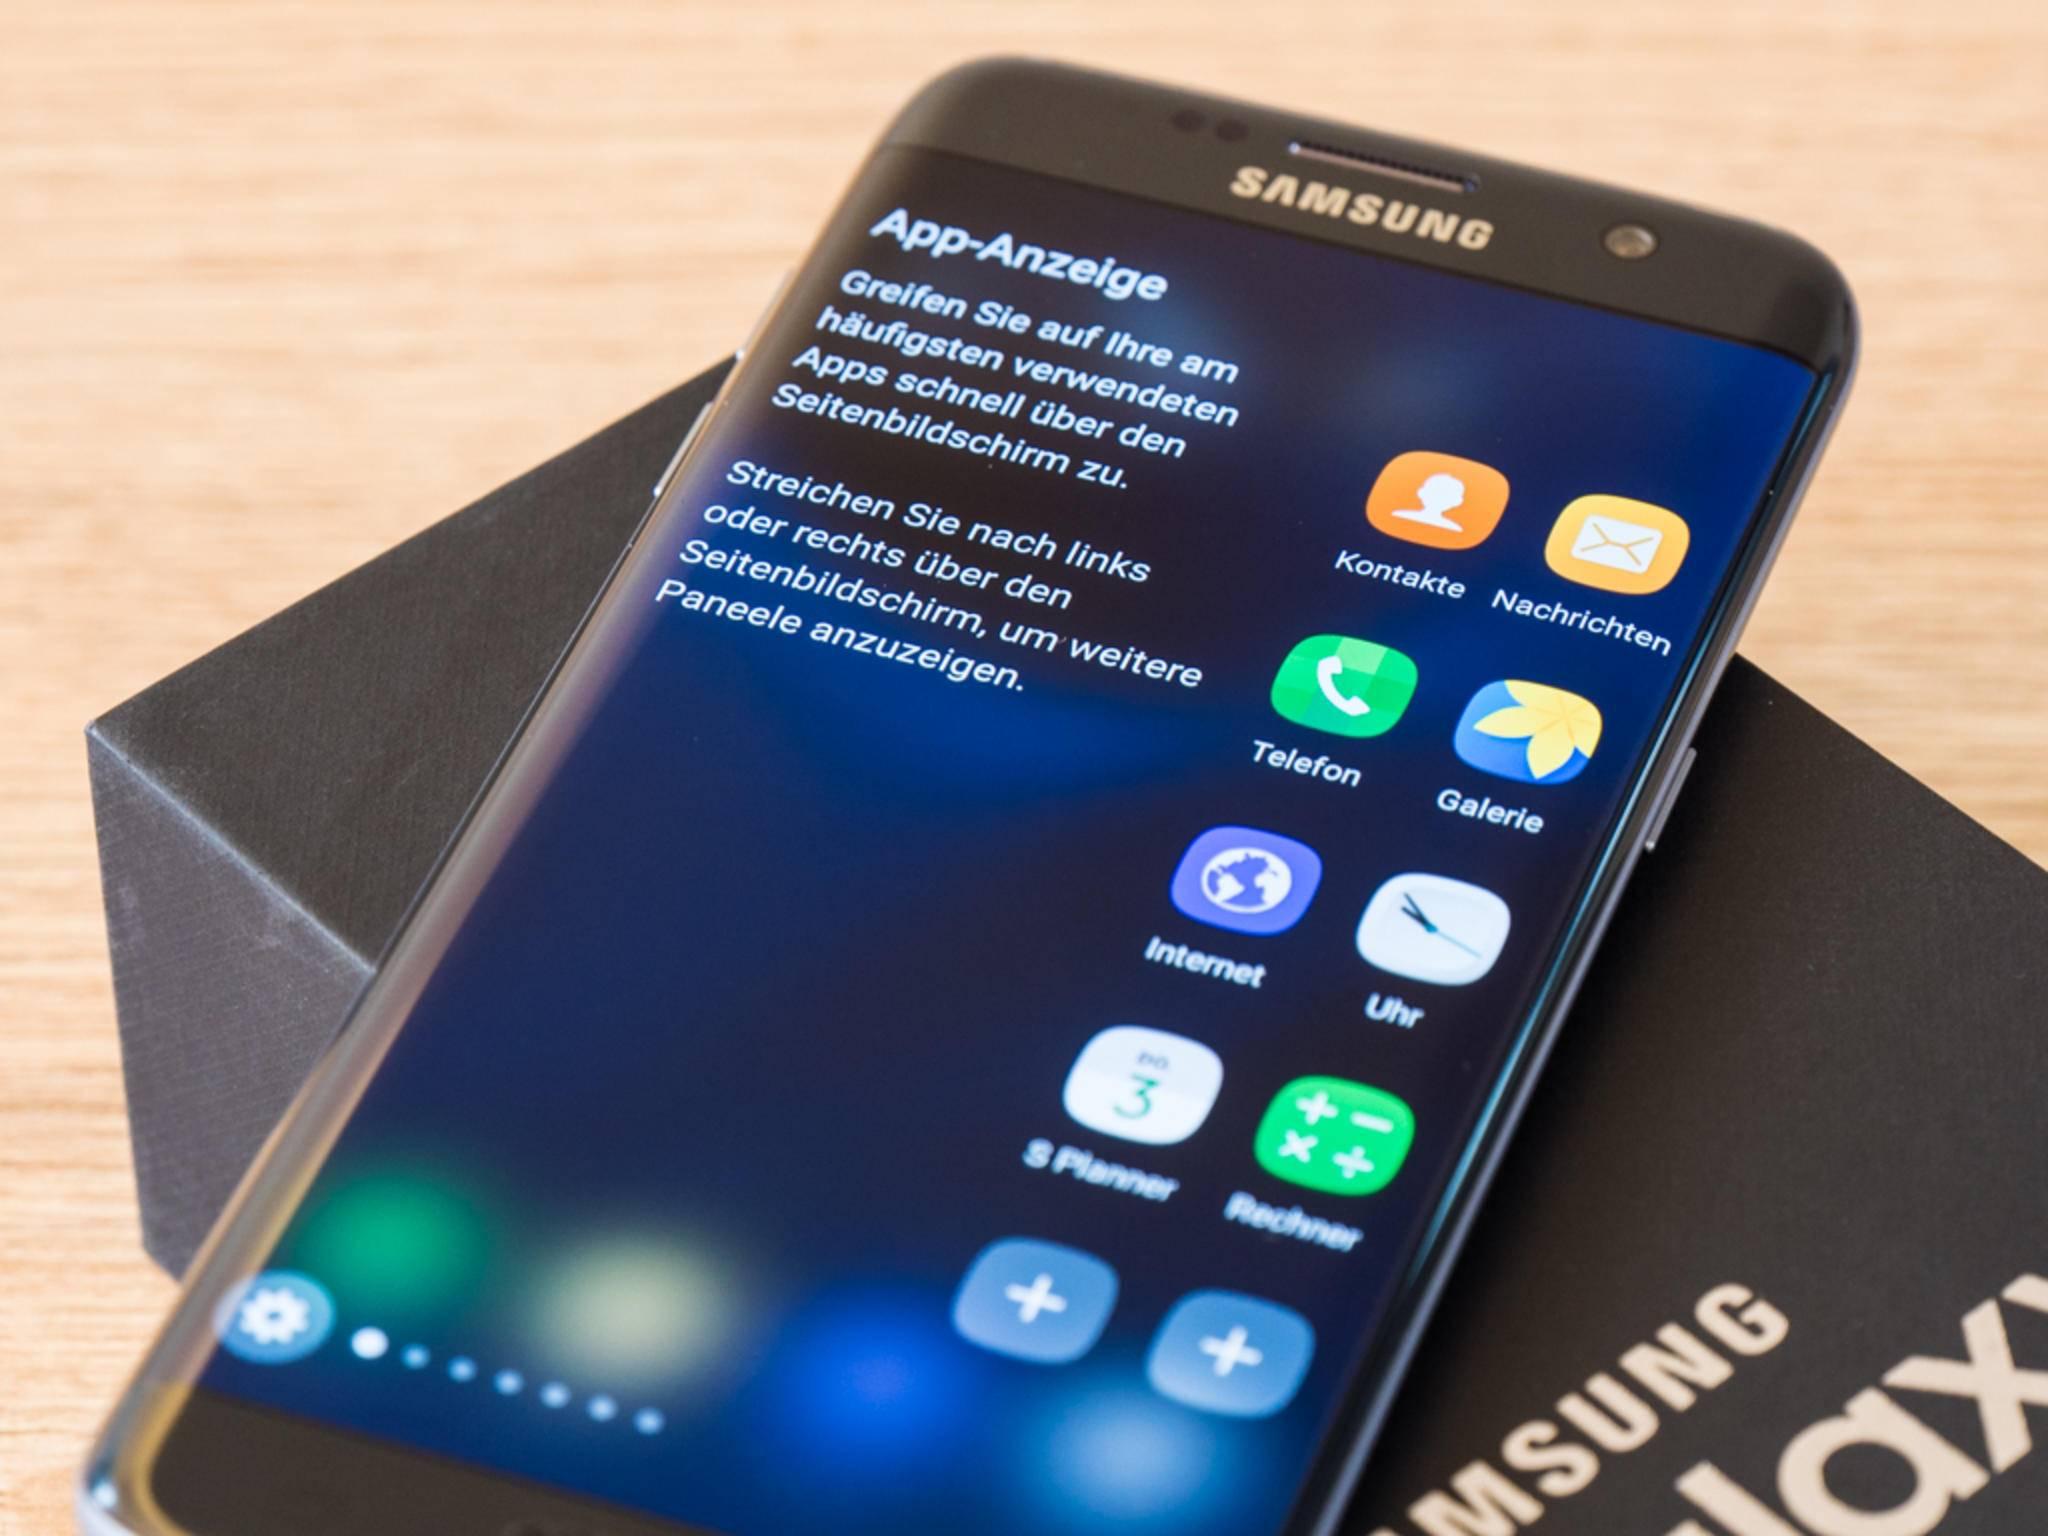 Das Galaxy S8 dürfte dem Galaxy S7 Edge ähneln.